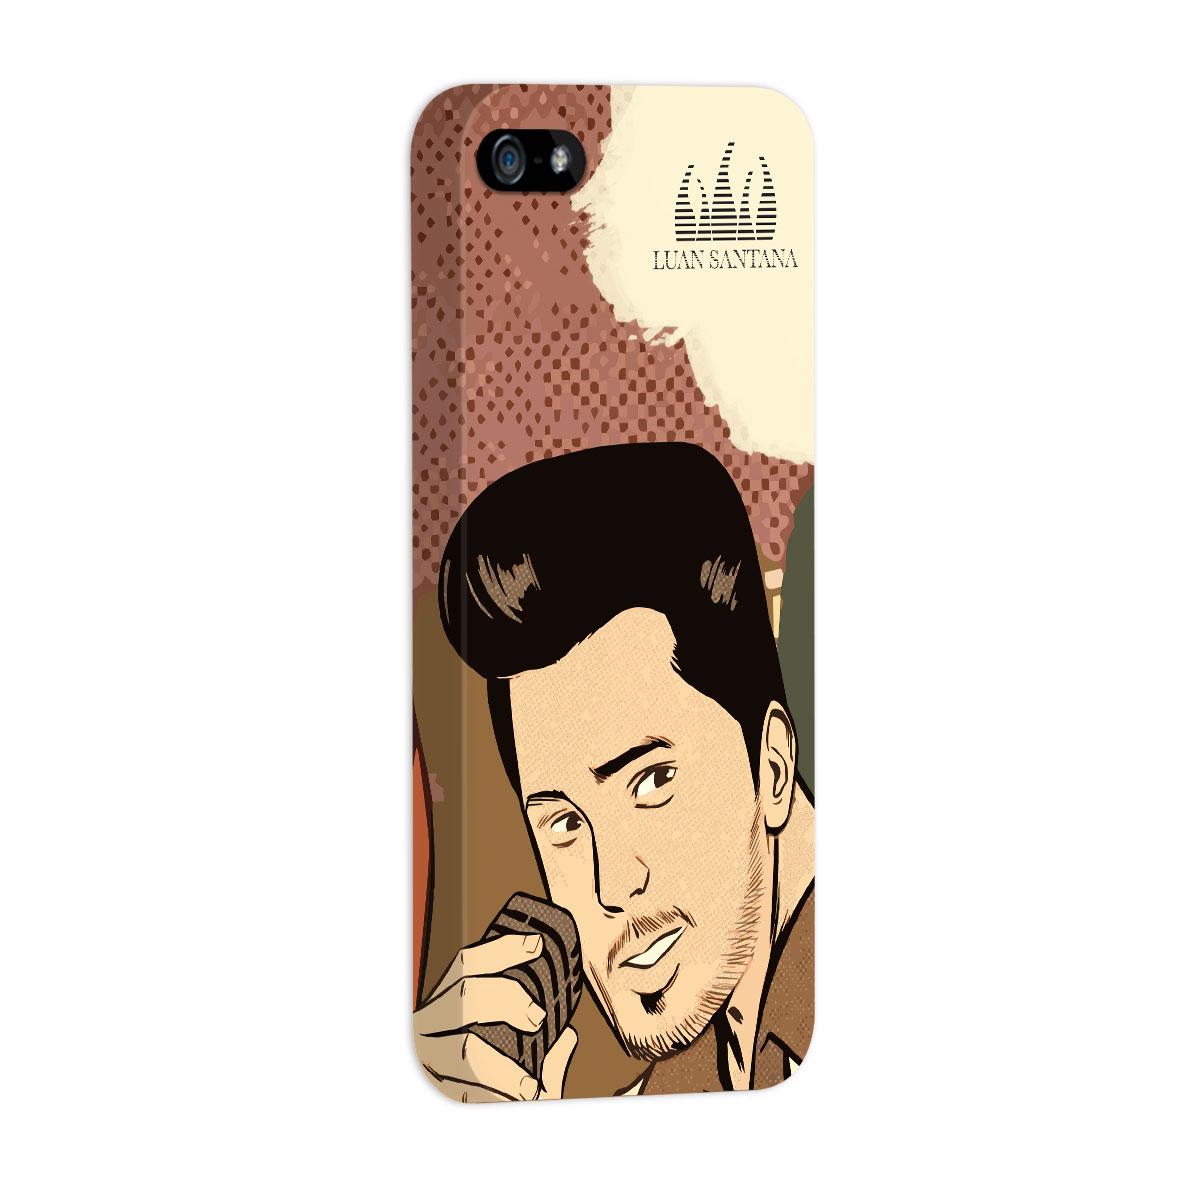 Capa de iPhone 5/5S Luan Santana Eu Não Merecia Isso